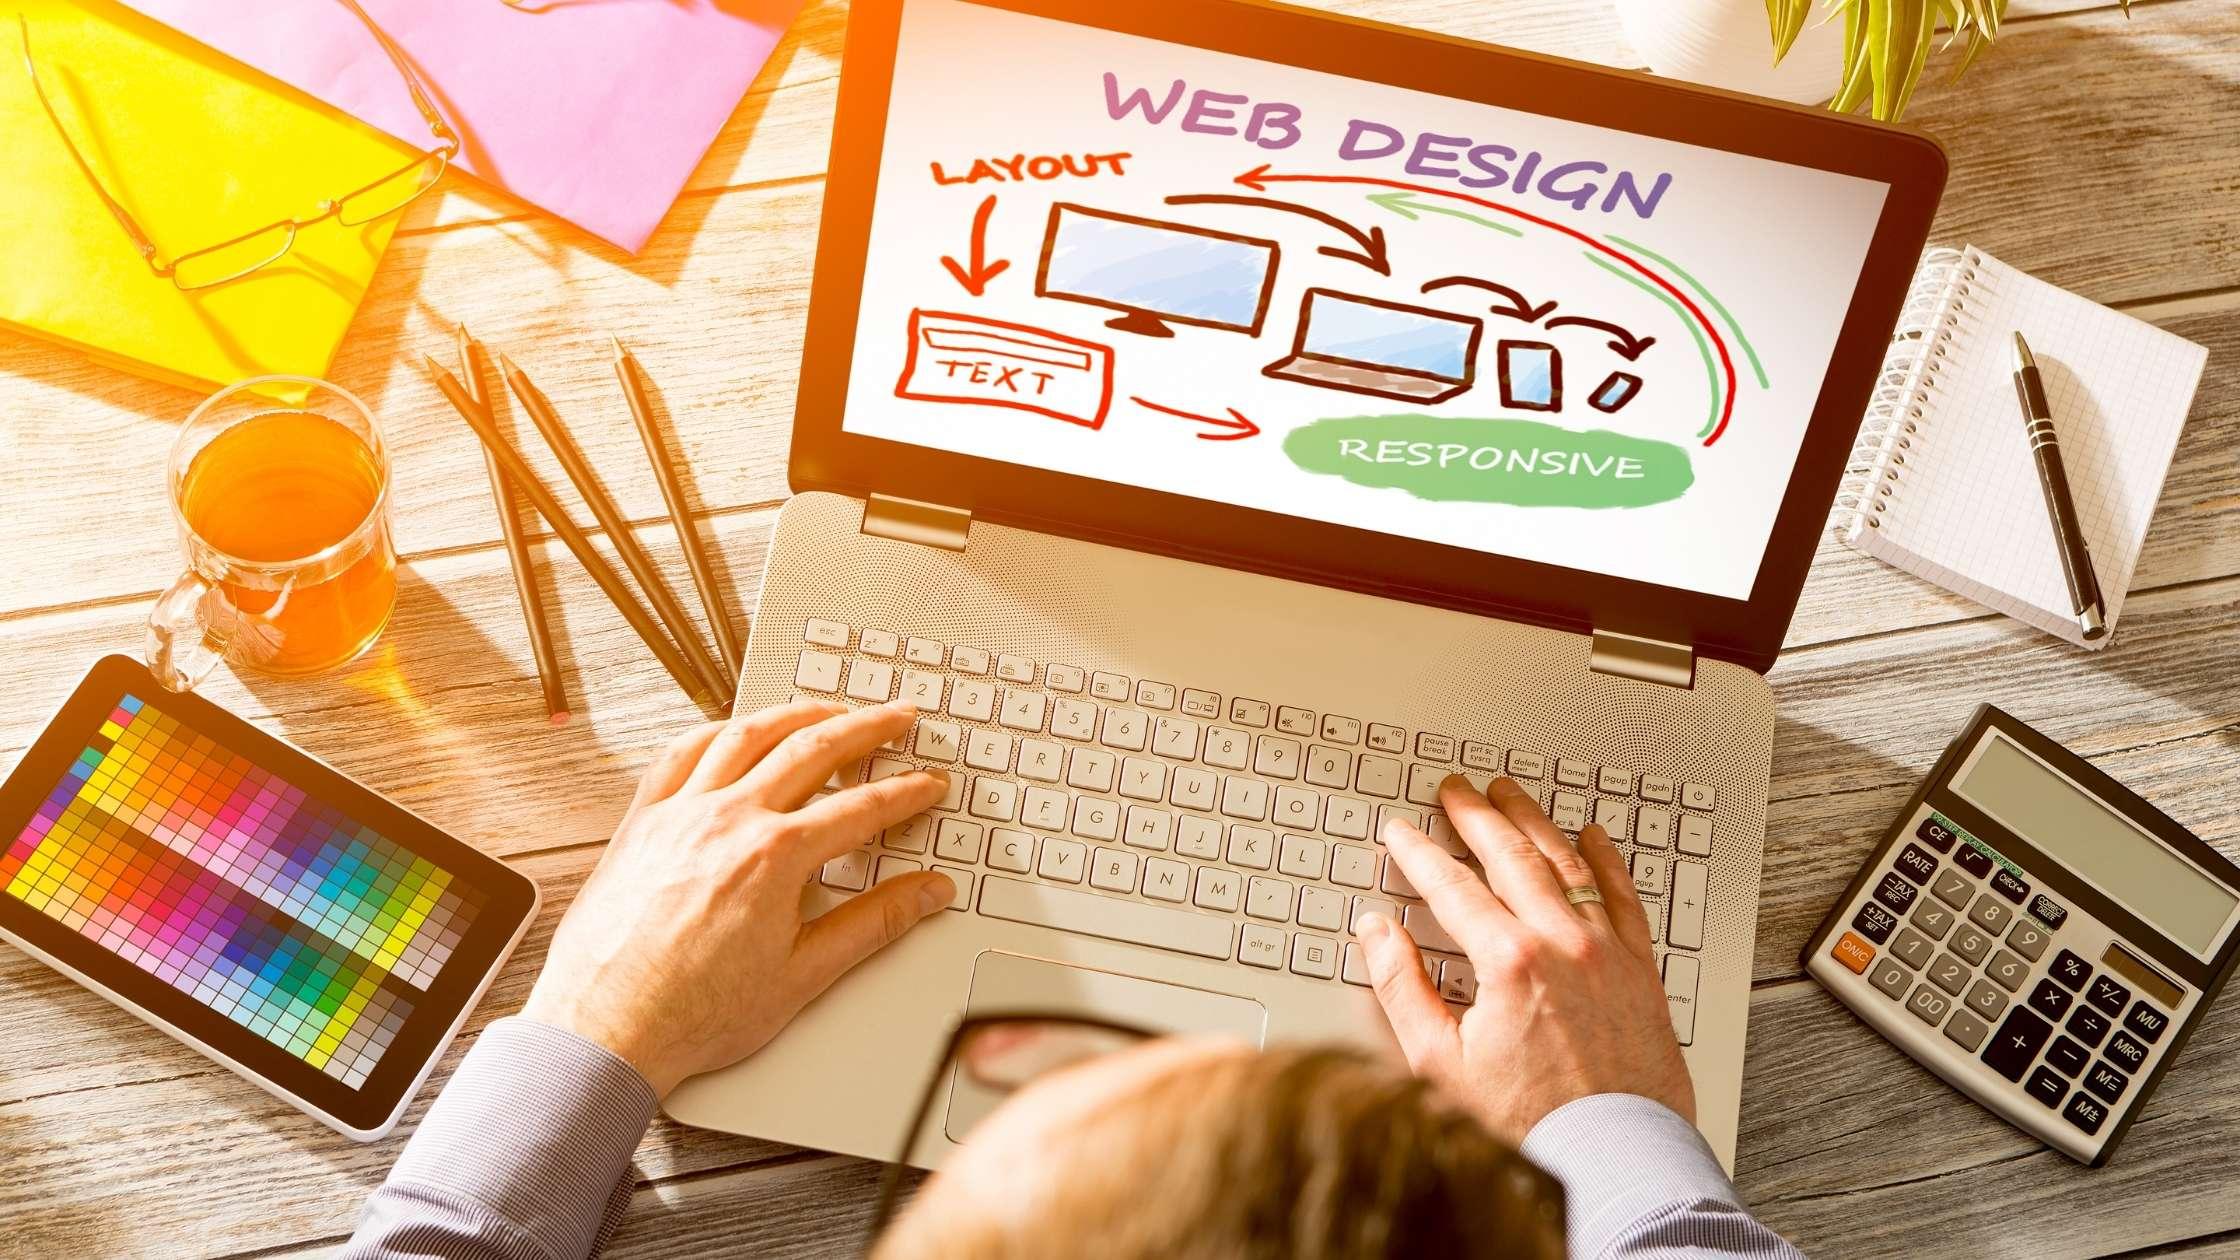 بهترین مهارت طراحی سایت برای یاد گرفتن در سال ۱۴۰۰